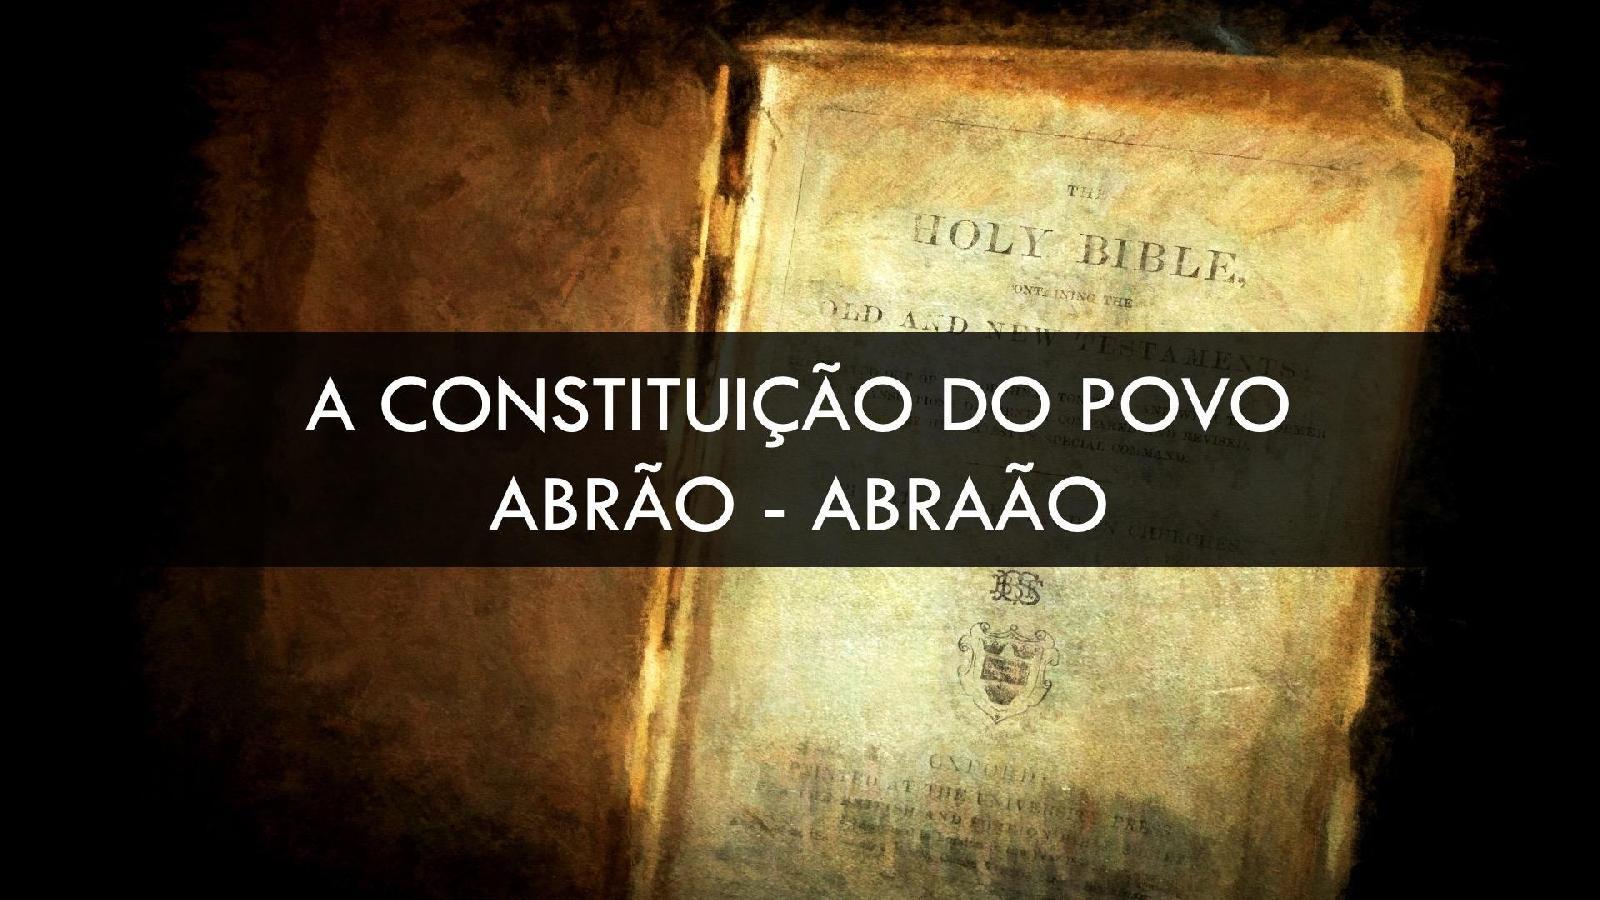 Constituição do Povo - Abrão-Abraão